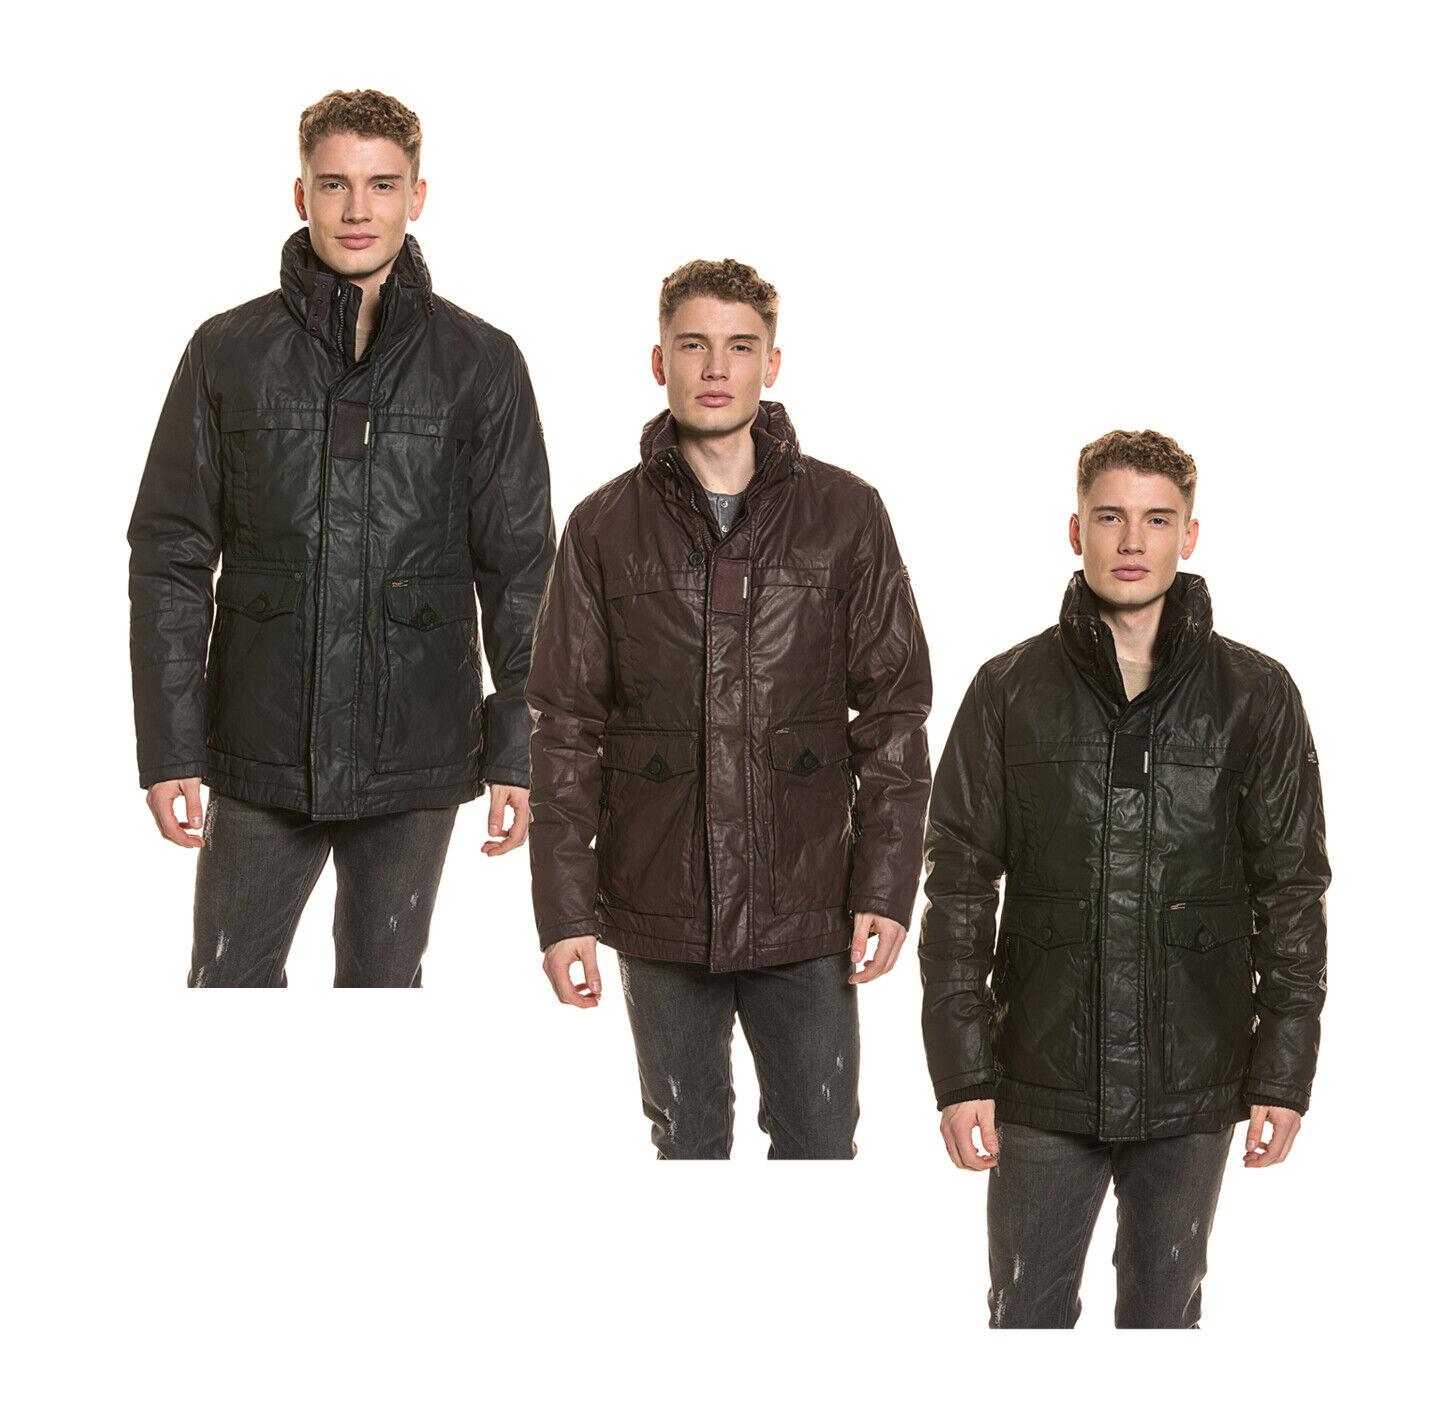 Khujo señores invierno chaqueta vellón cuello alto capucha cremallera regular   n ° 1 en línea